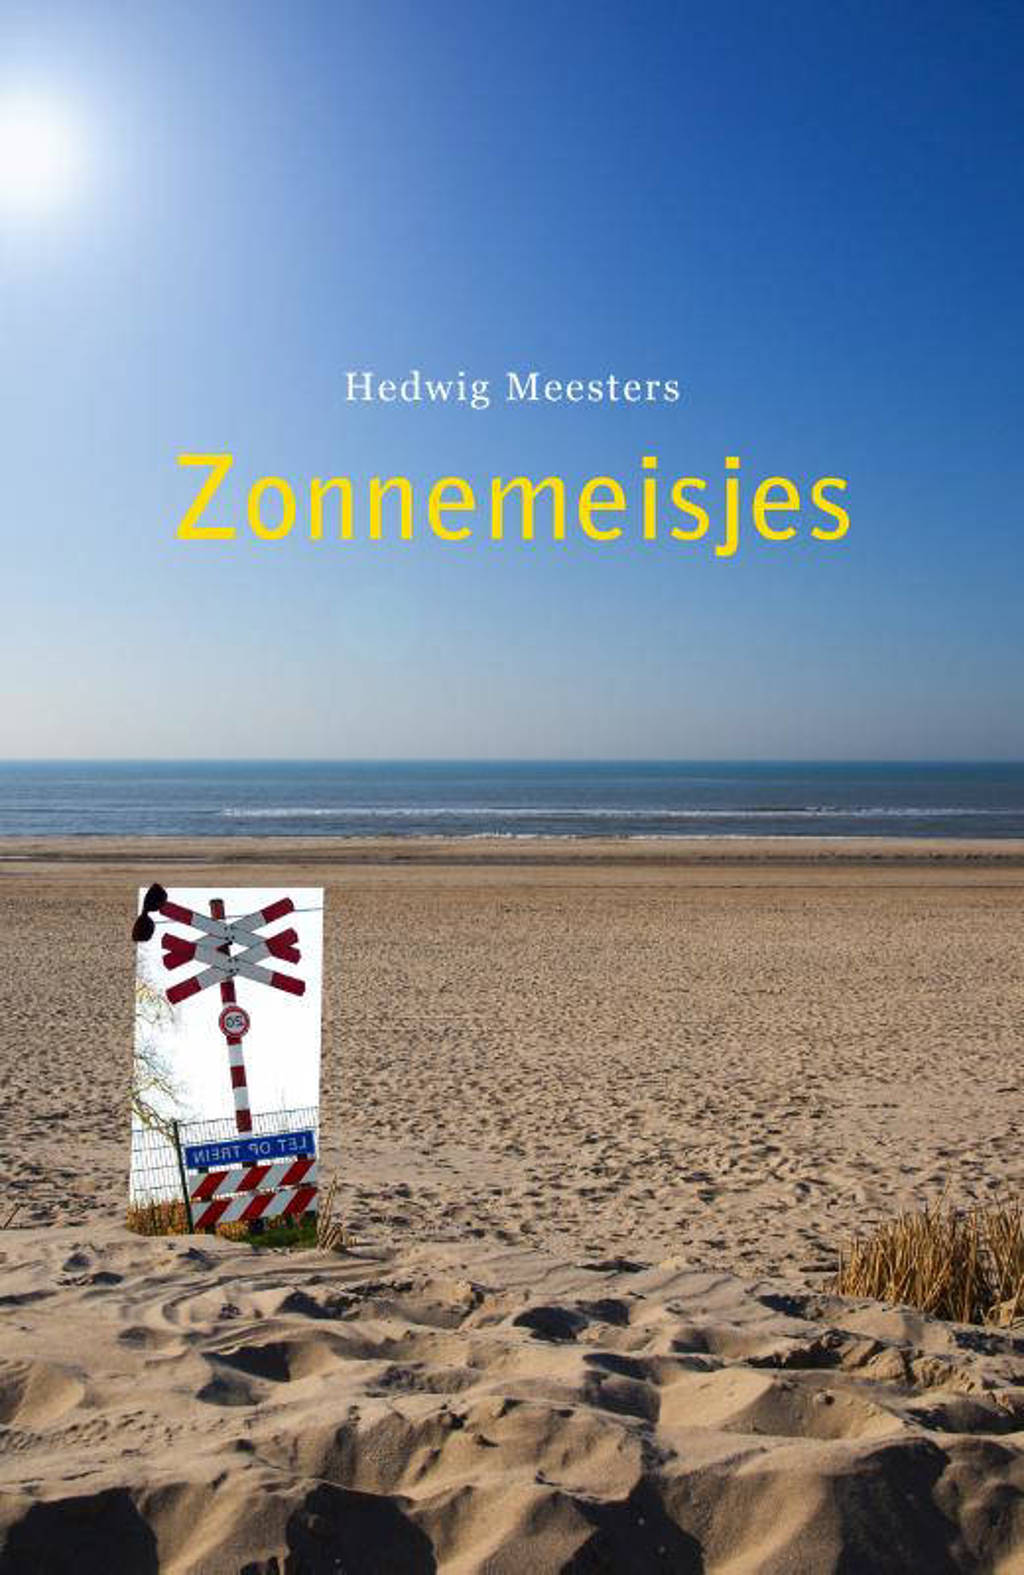 Zonnemeisjes - Hedwig Meesters